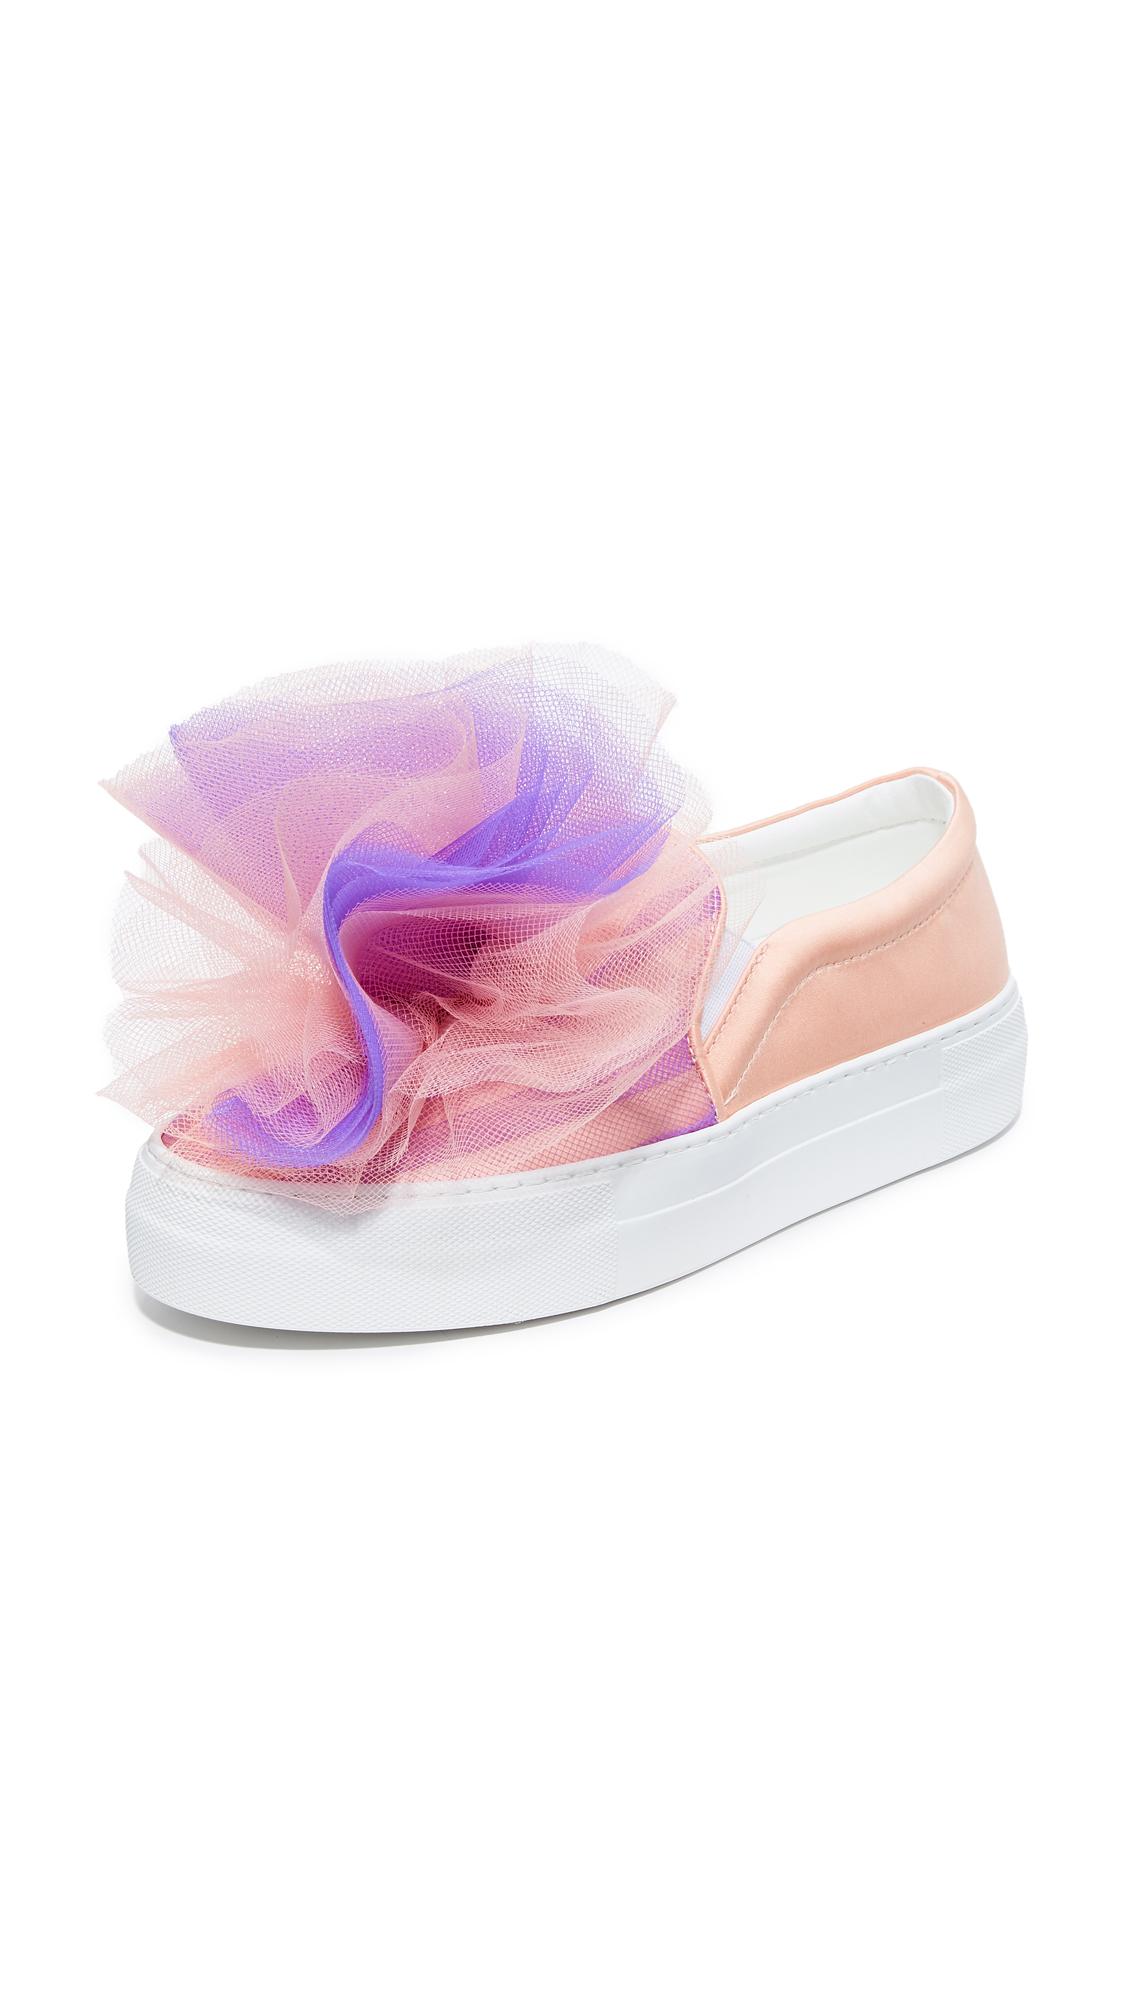 Joshua Sanders Tulle Sneakers - Pink/Purple